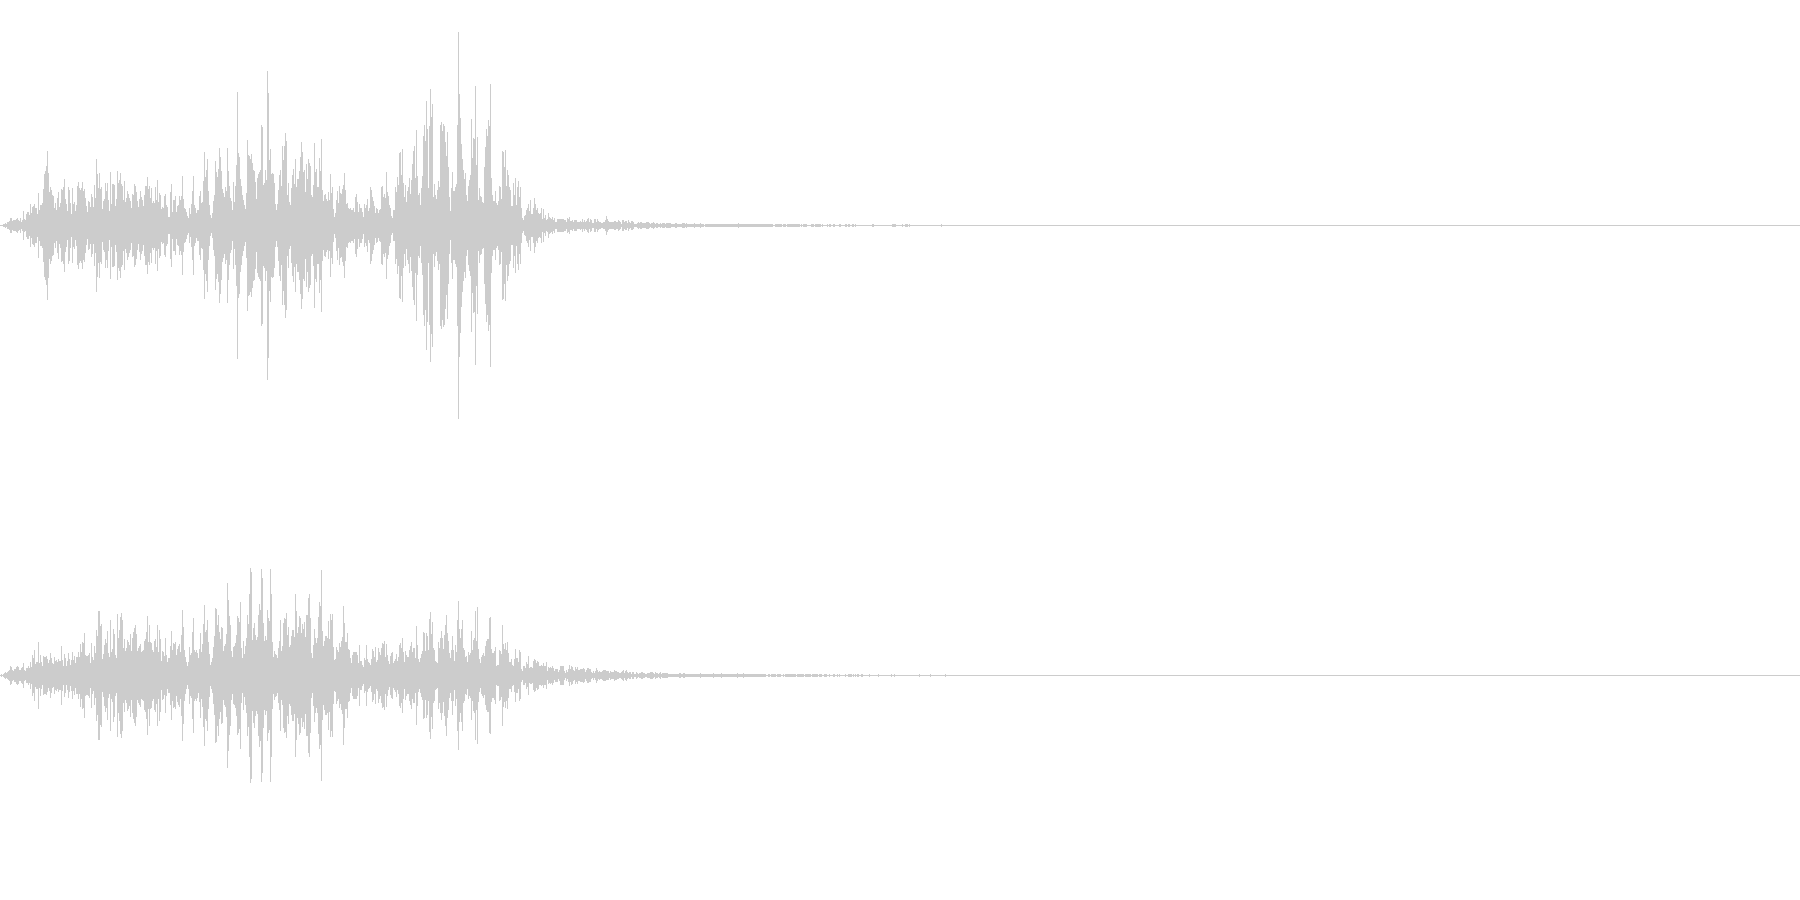 【生録音】フラミンゴの鳴き声 38の未再生の波形